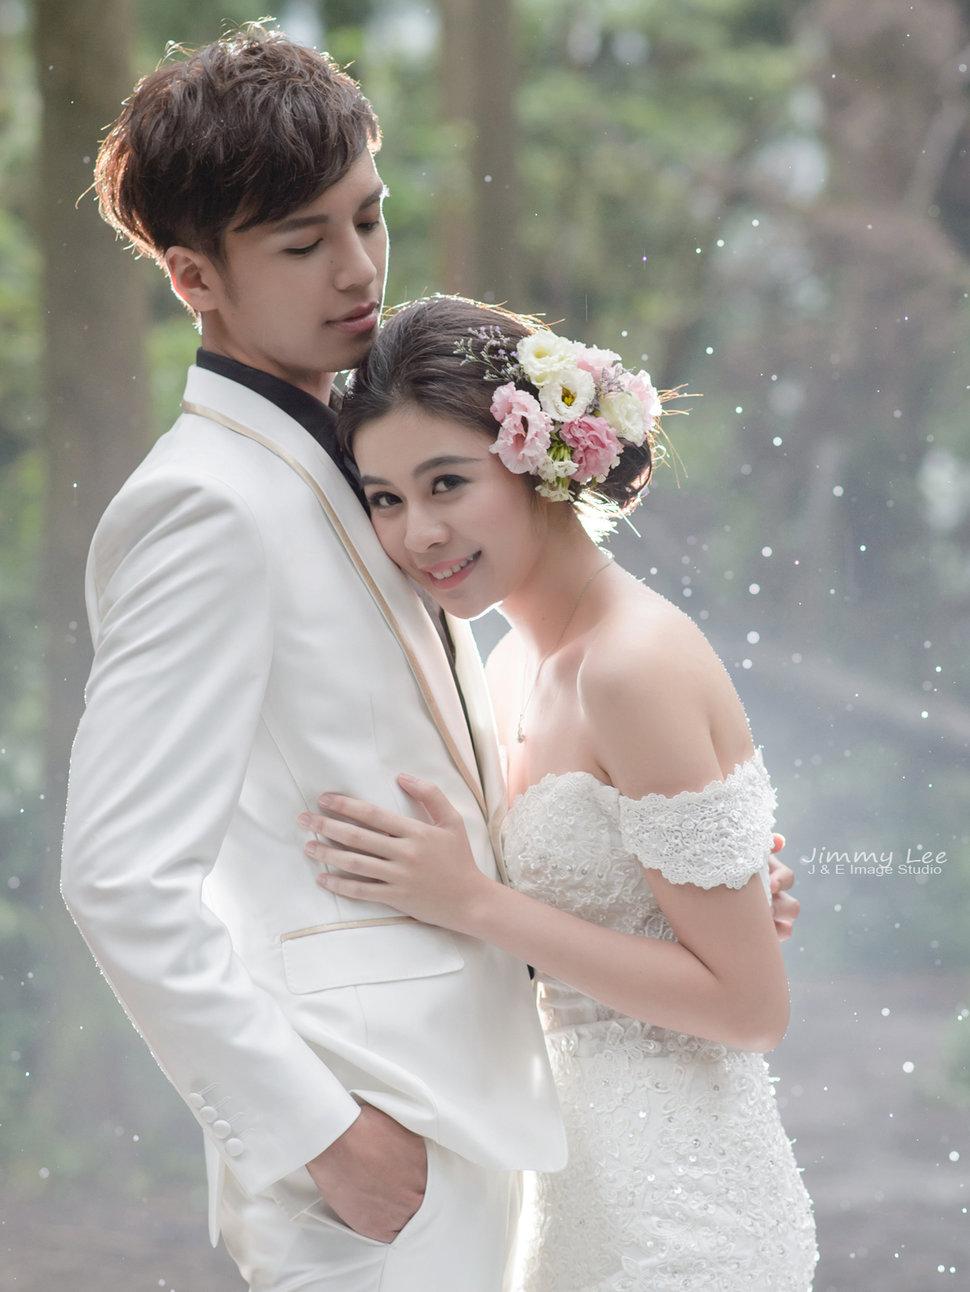 自主婚紗精選特輯(編號:423890) - J&E Image Studio - 結婚吧